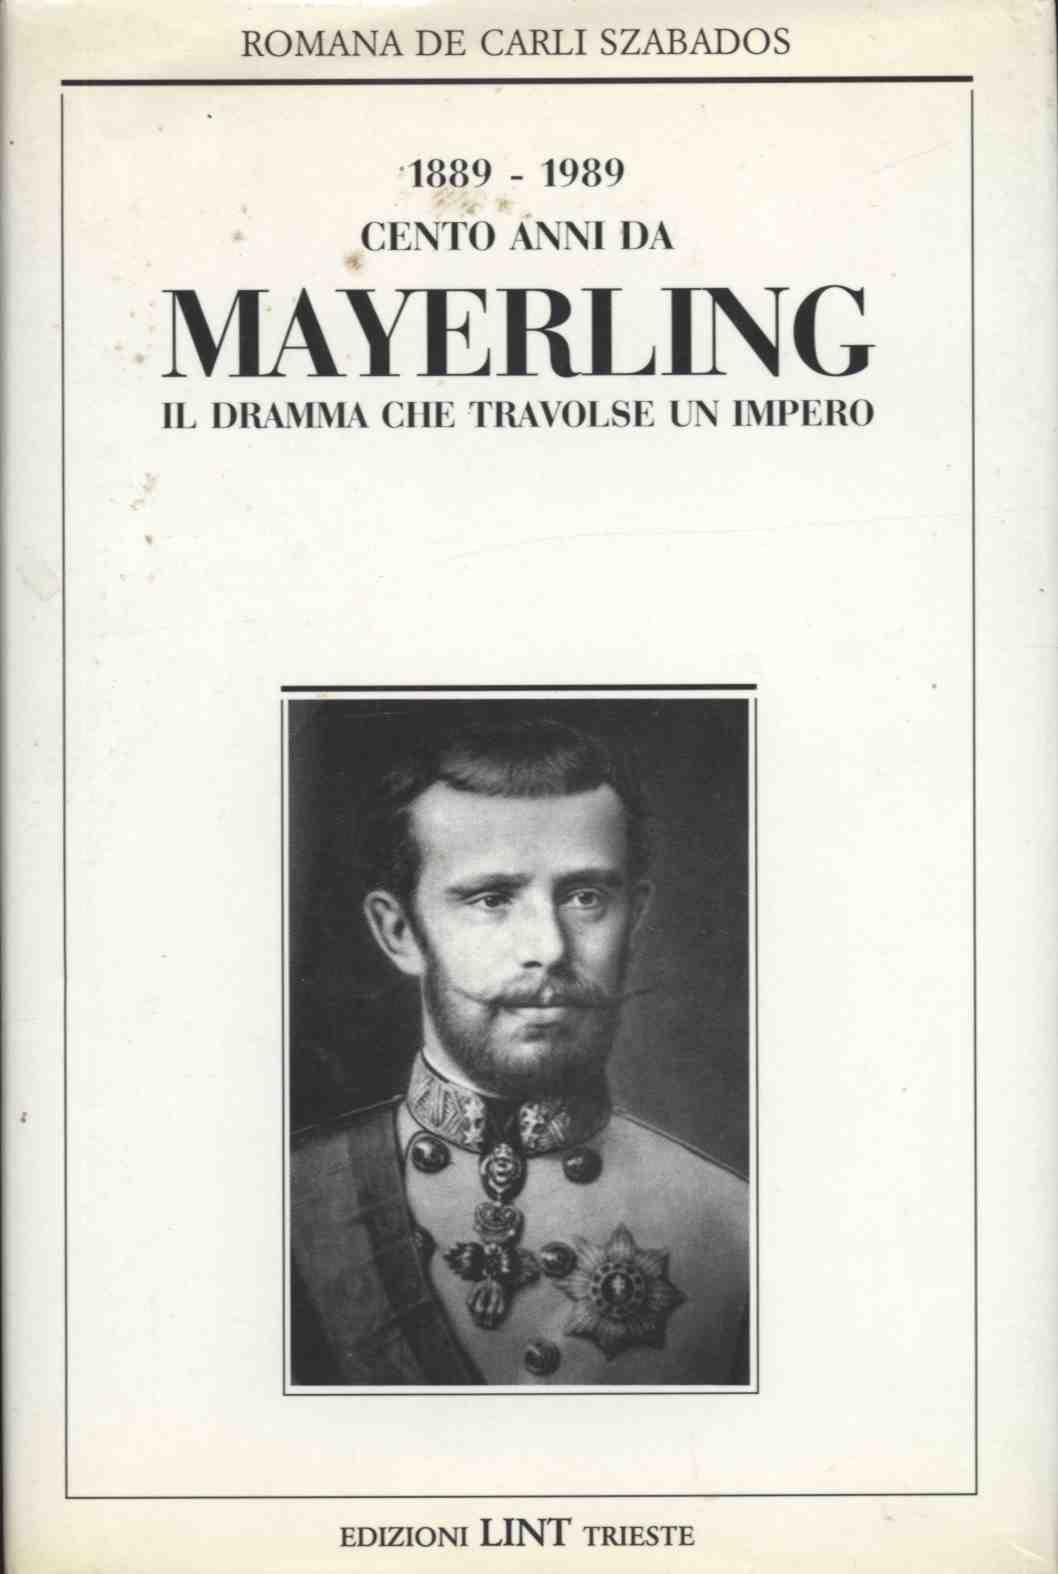 Cento anni da Mayerling, 1889-1989